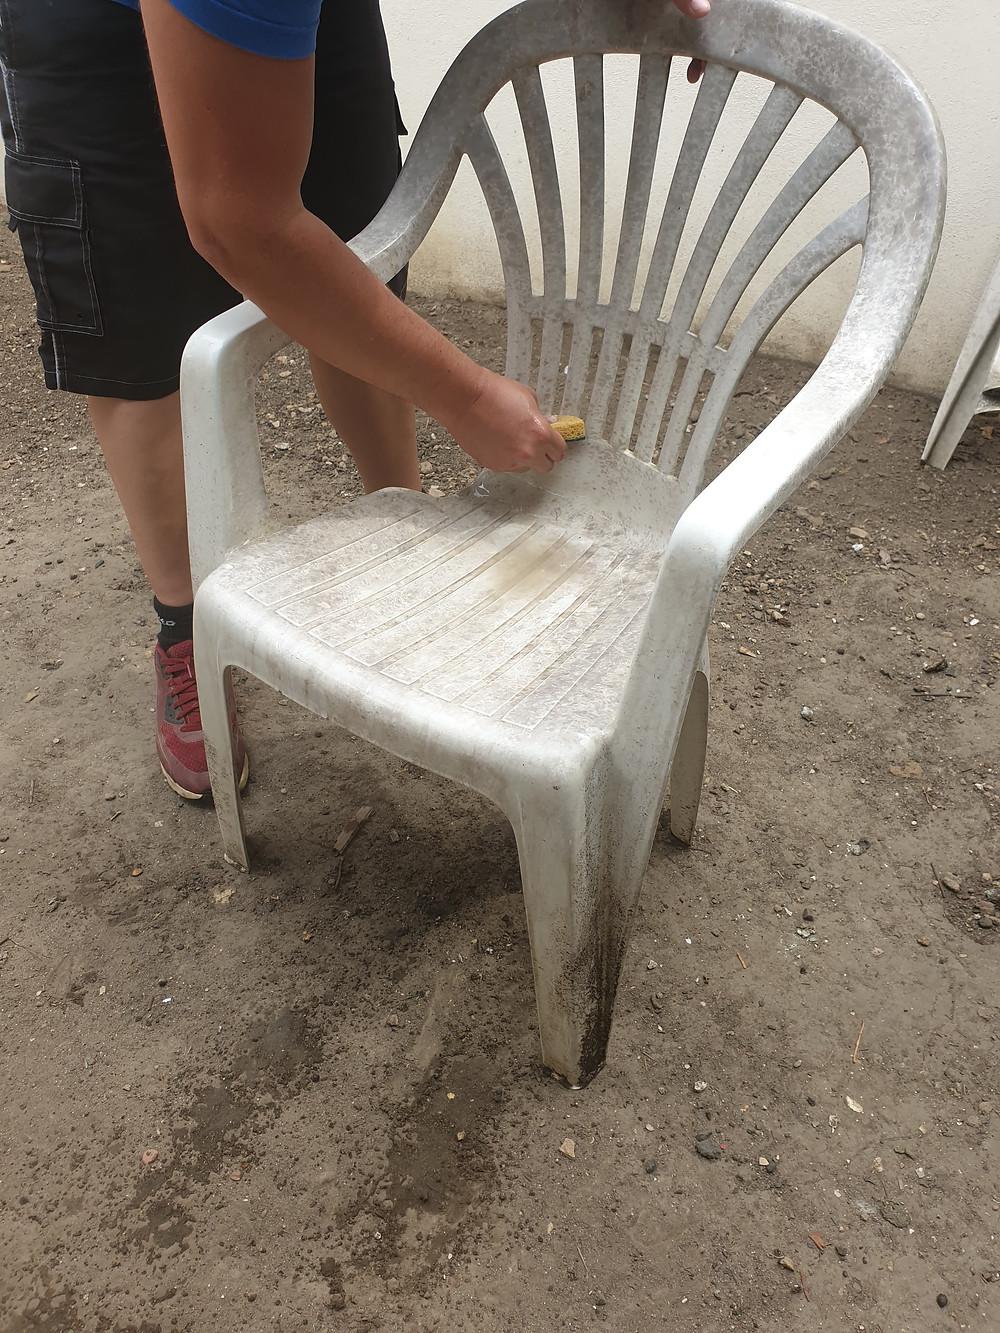 Comment nettoyer des chaises de jardin en plastique blanc